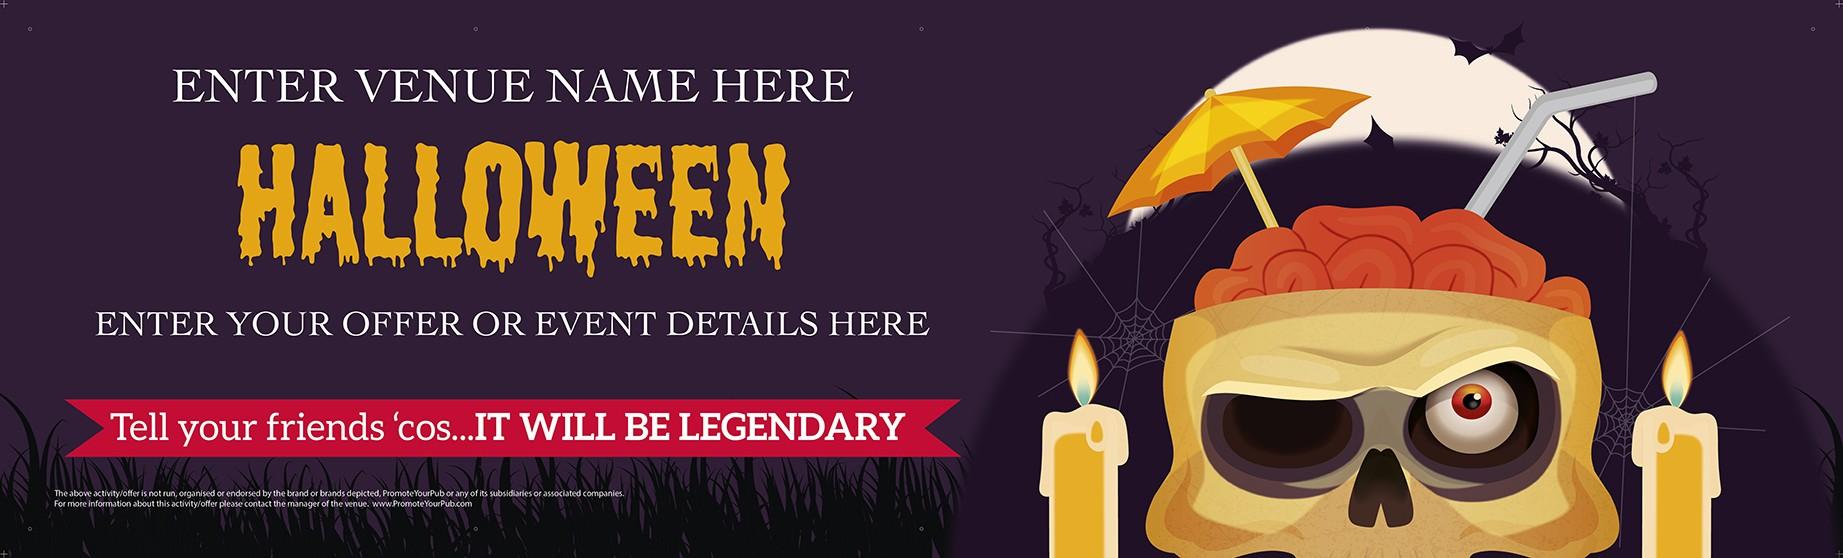 Halloween Cocktail Skull Banner